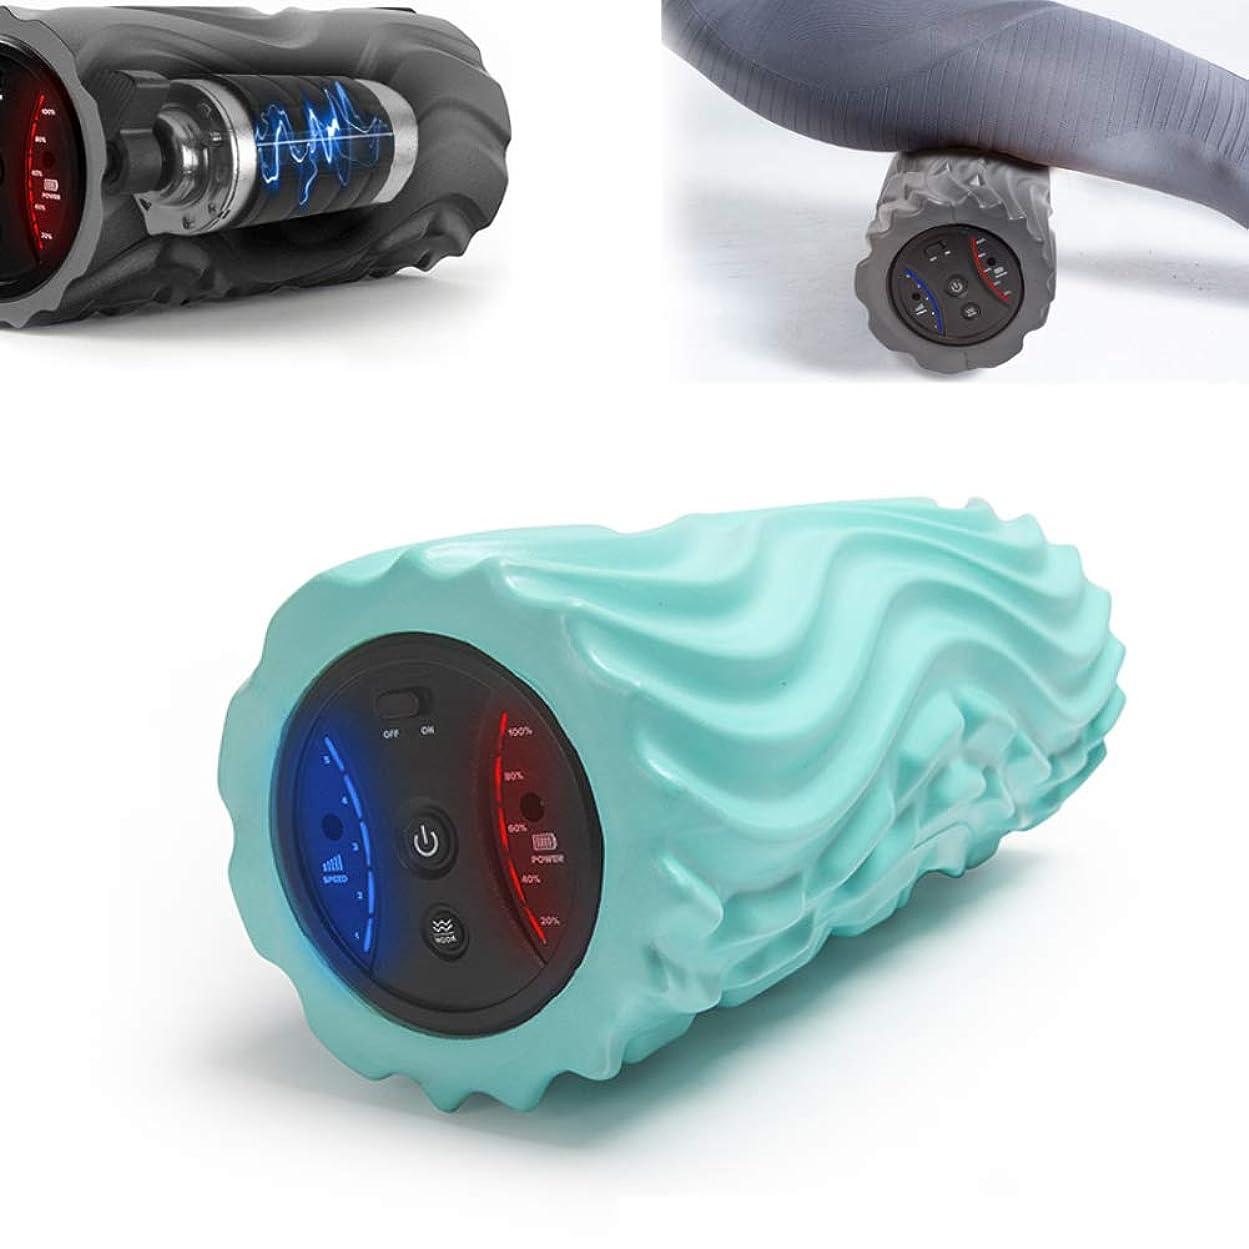 好む近似ウナギフォームローラー 深い泡のマッサージの自己筋筋膜の解放の制動機ポイントのための電気泡のローラー5ギヤ位置,Green